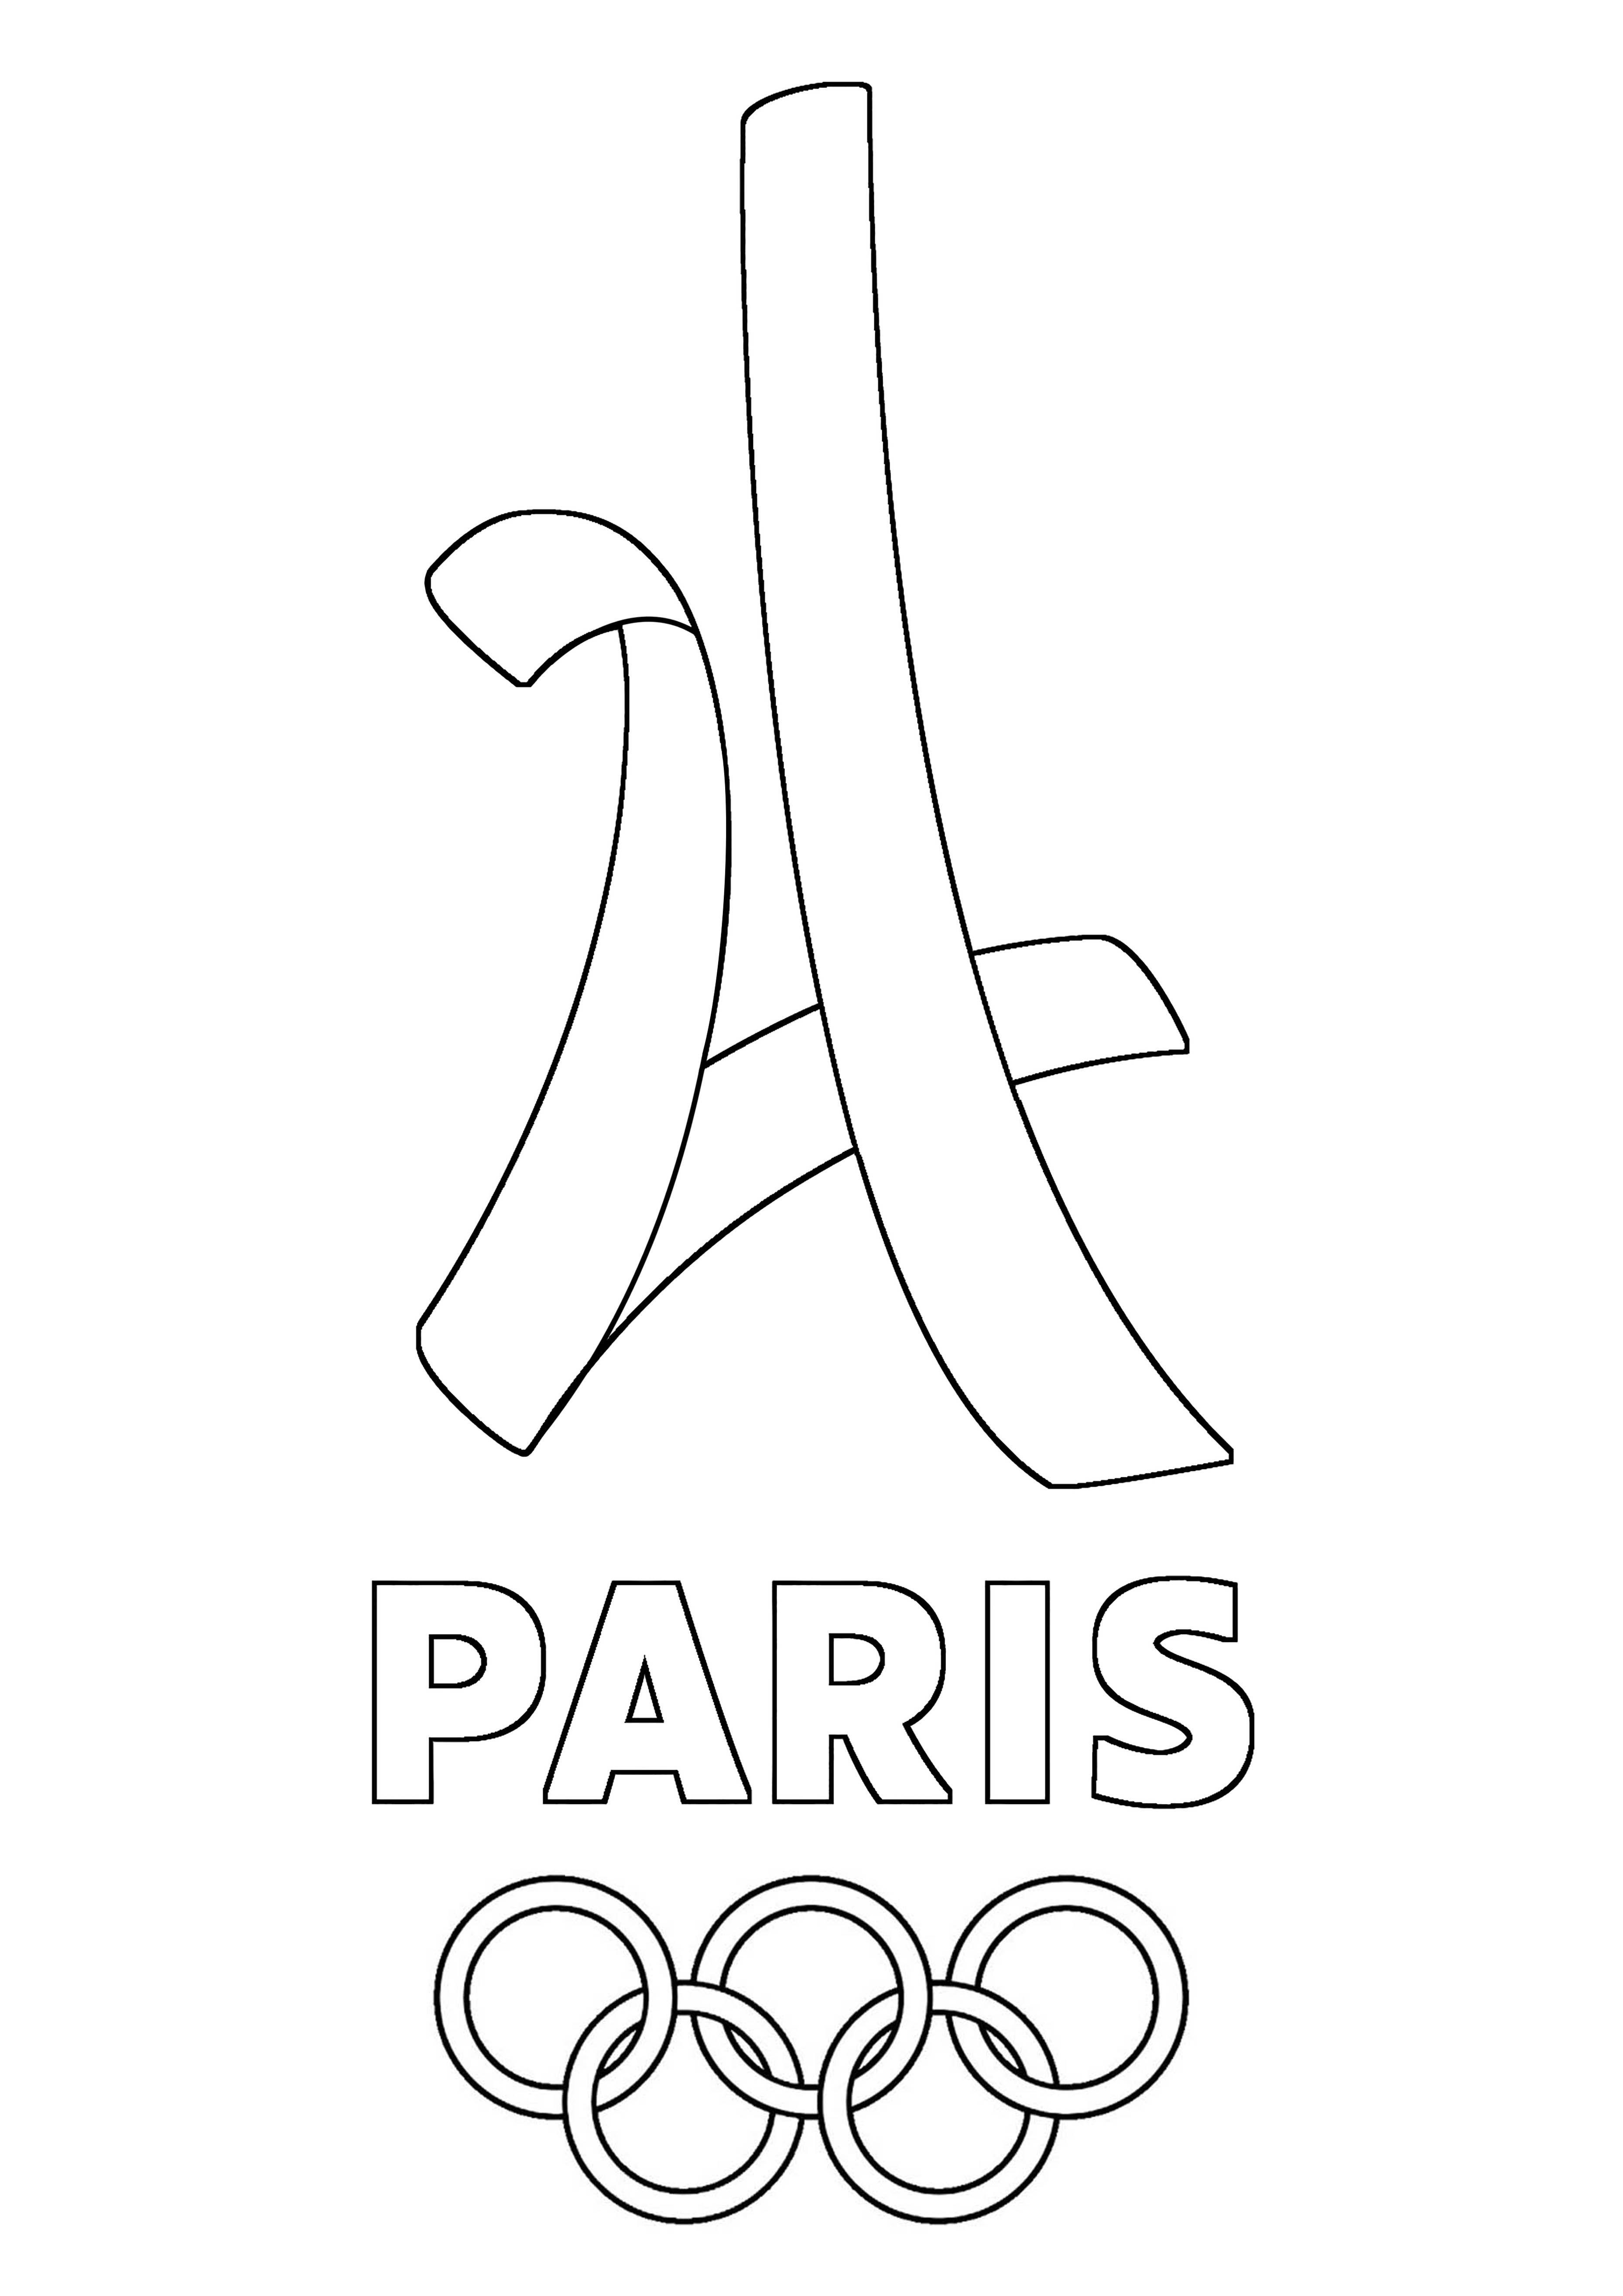 Coloriage Jeux Olympiques.Image Jeux Olympiques Coloriage Logo Paris 2024 Jeux